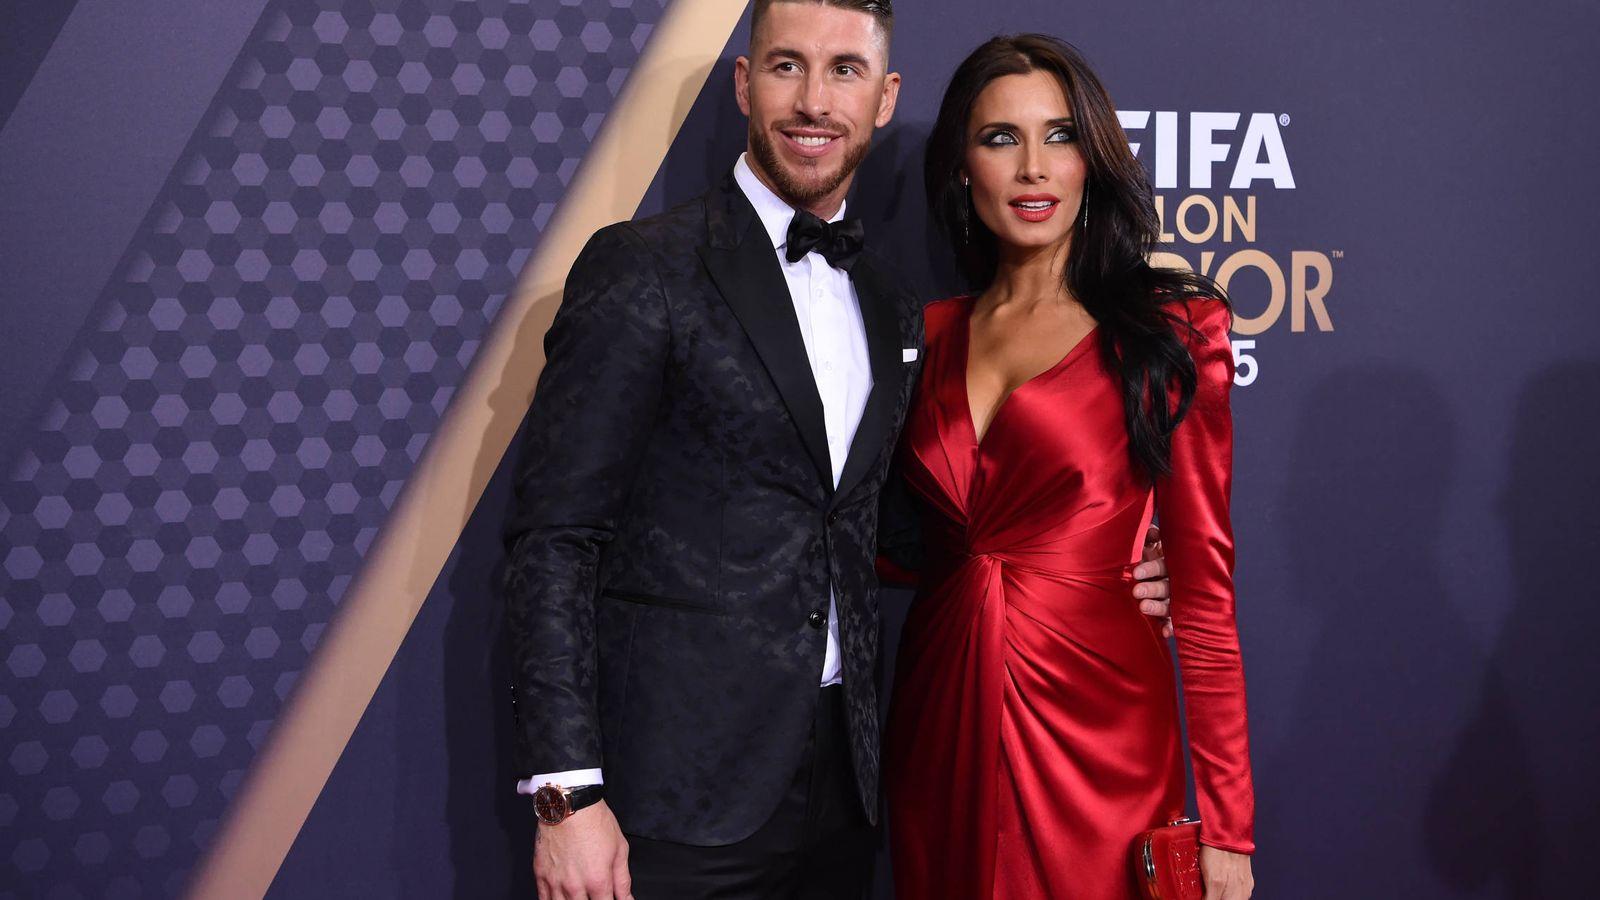 Foto: Pilar Rubio y Sergio Ramos, en la gala del Balón de Oro. (Getty)